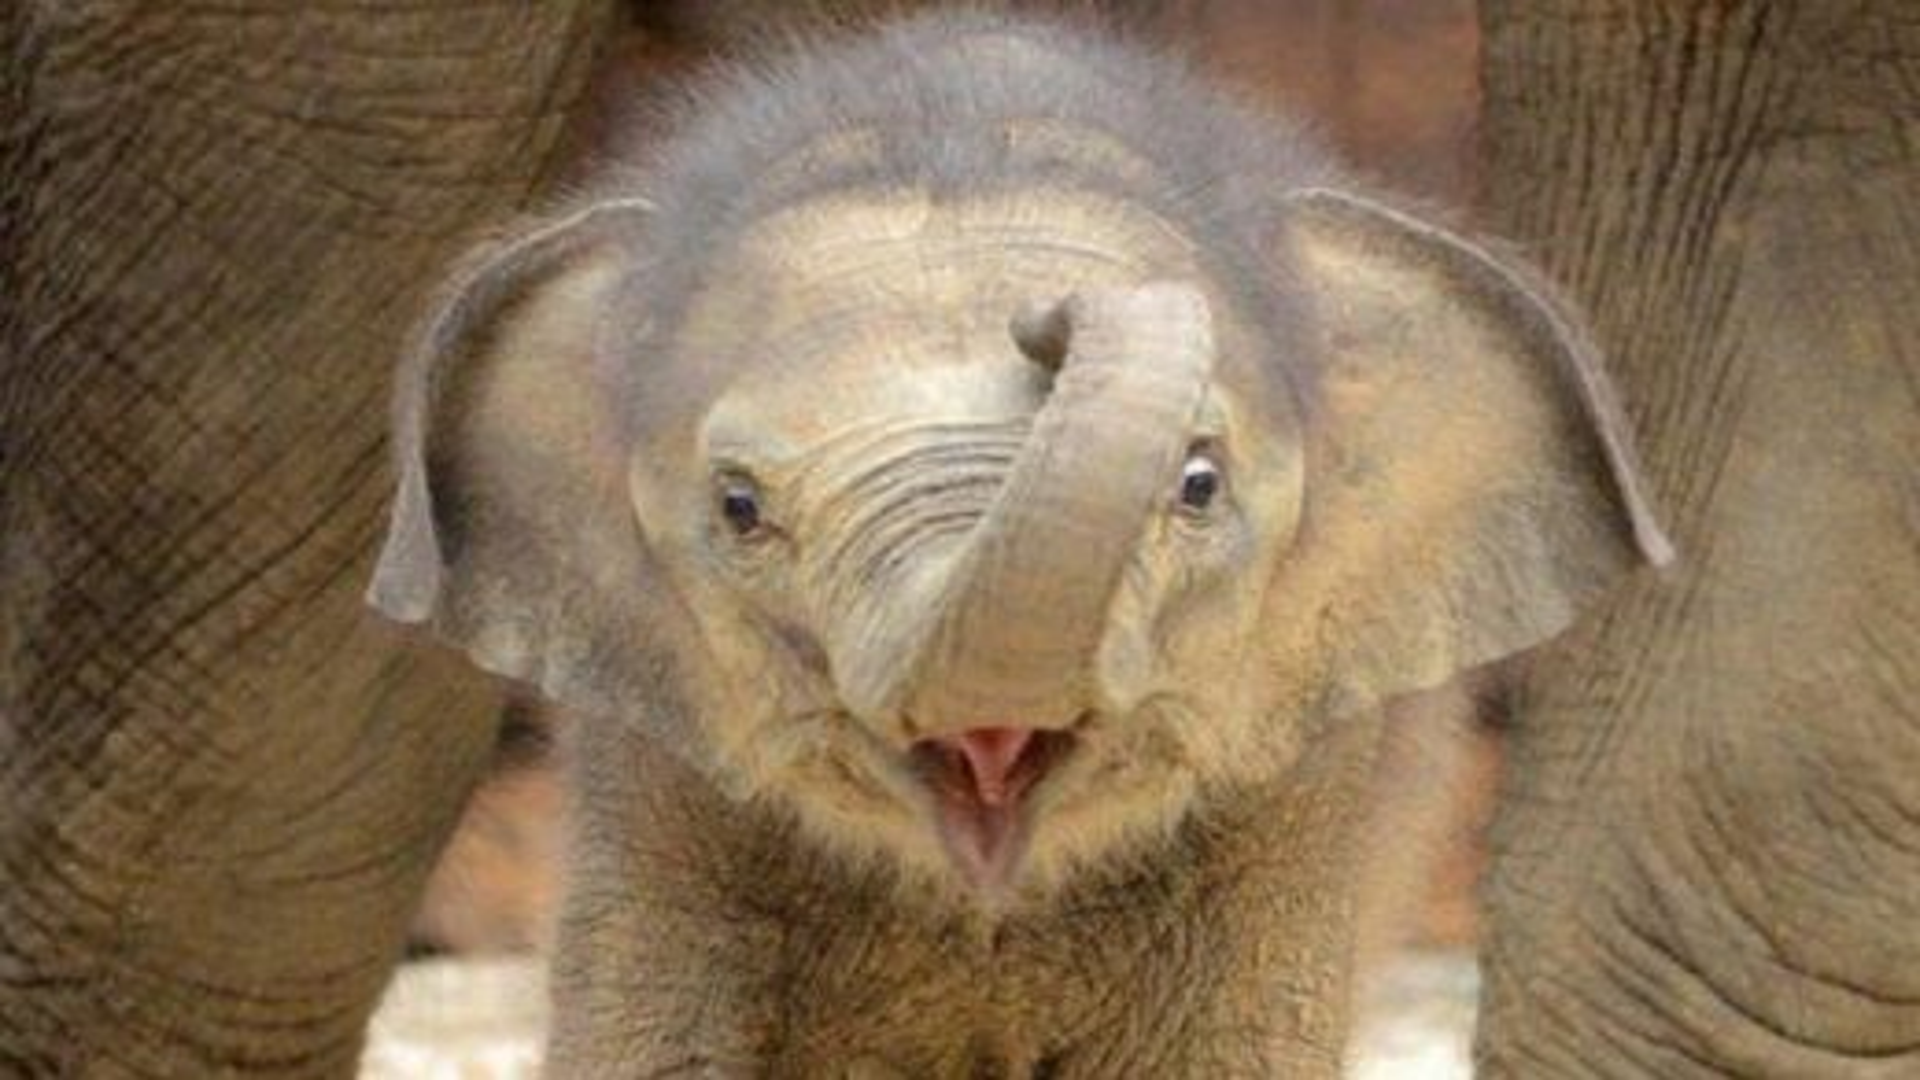 بچه فیل | تگ